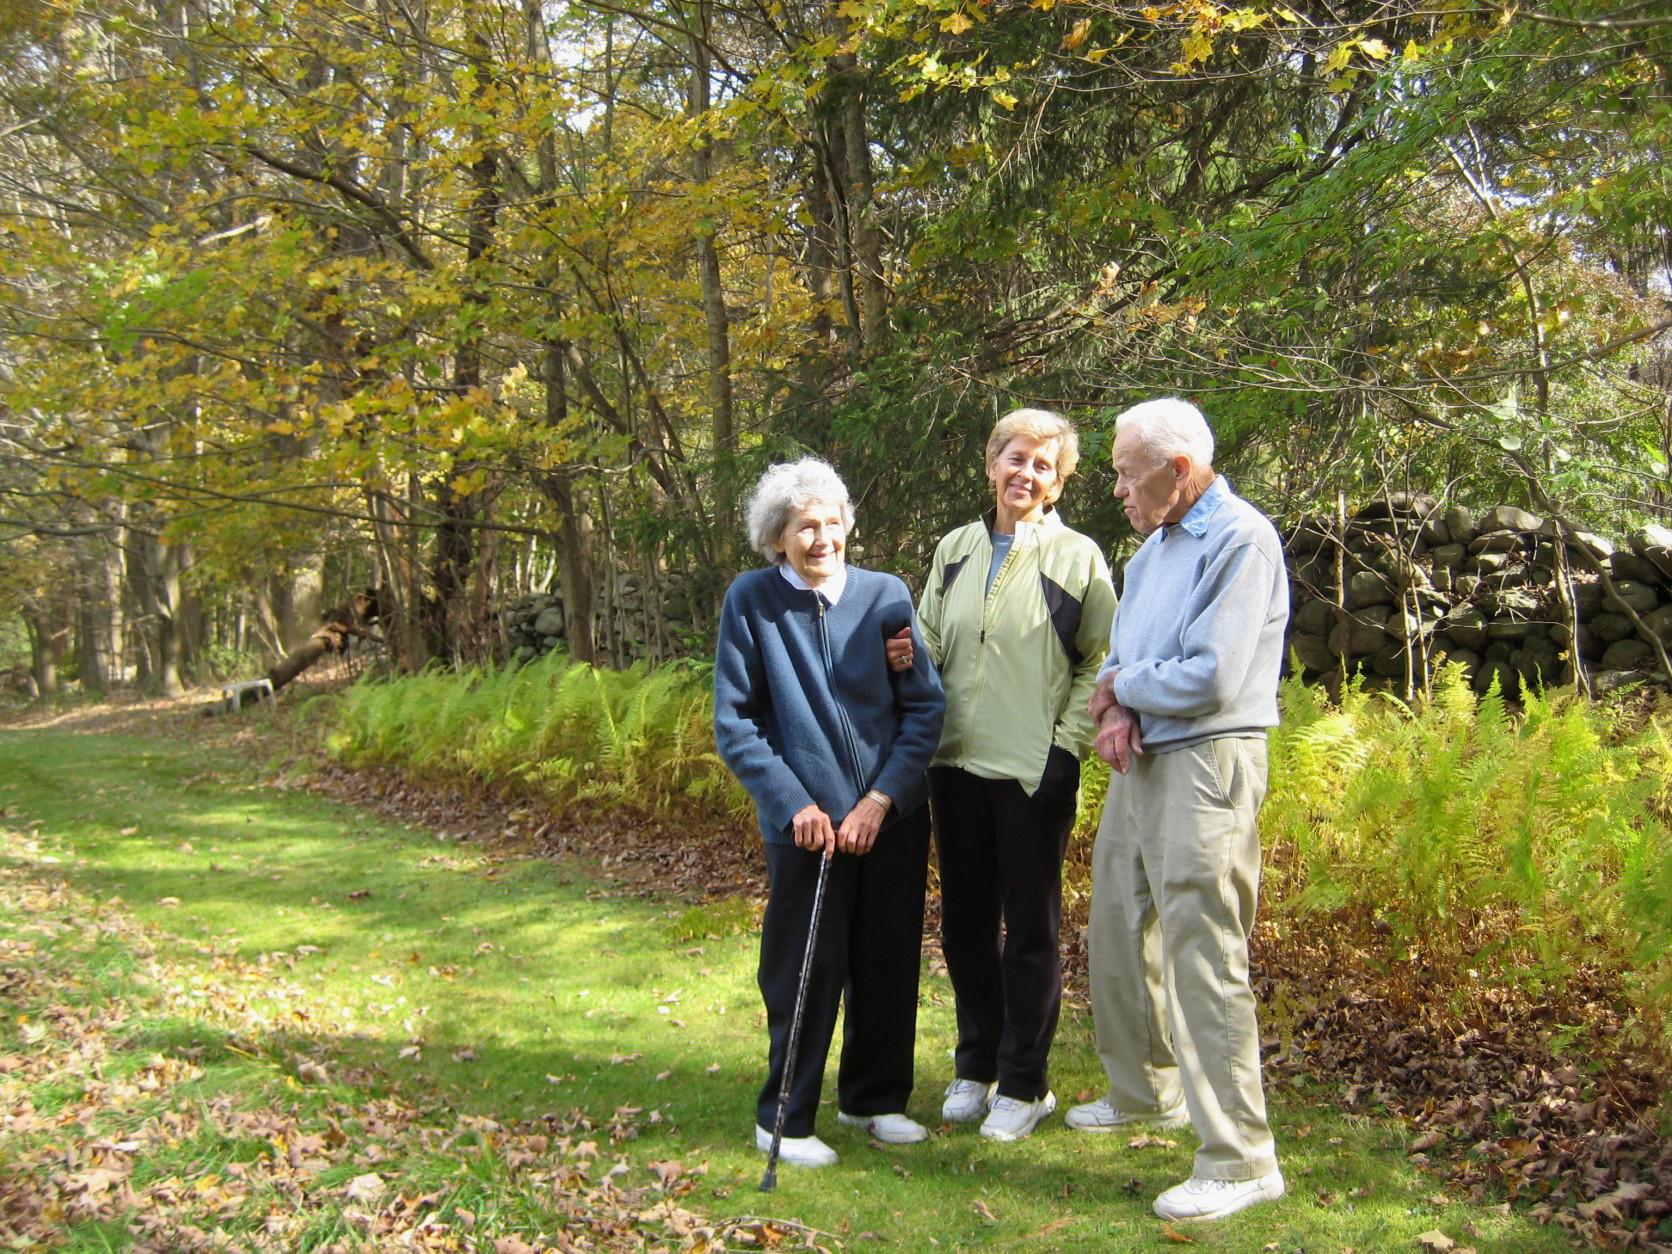 upper meddow - Janet & Barbara & John 2.jpg